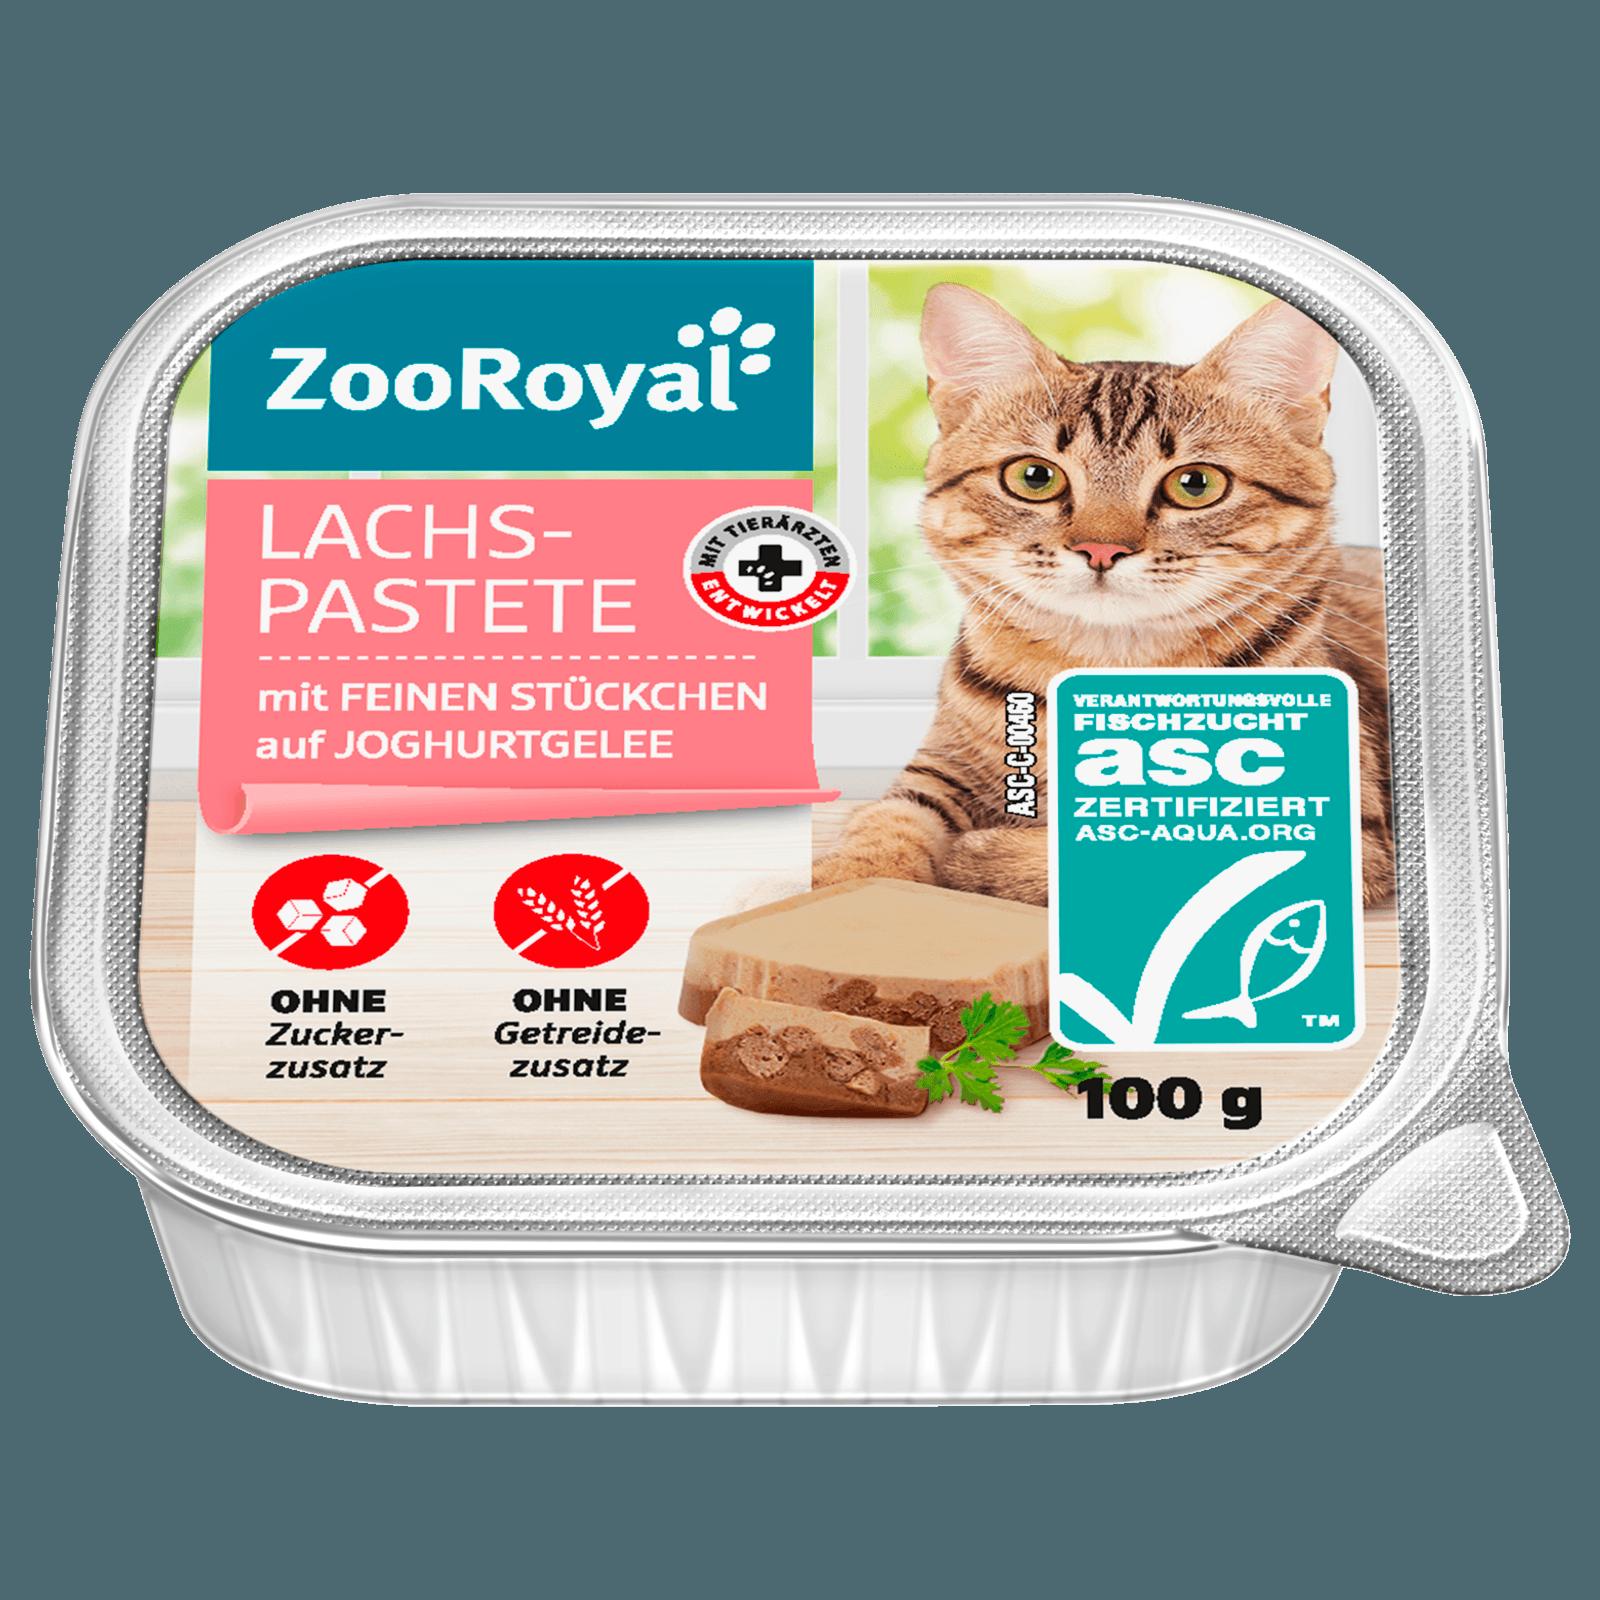 ZooRoyal Lachspastete mit Forelle 100g